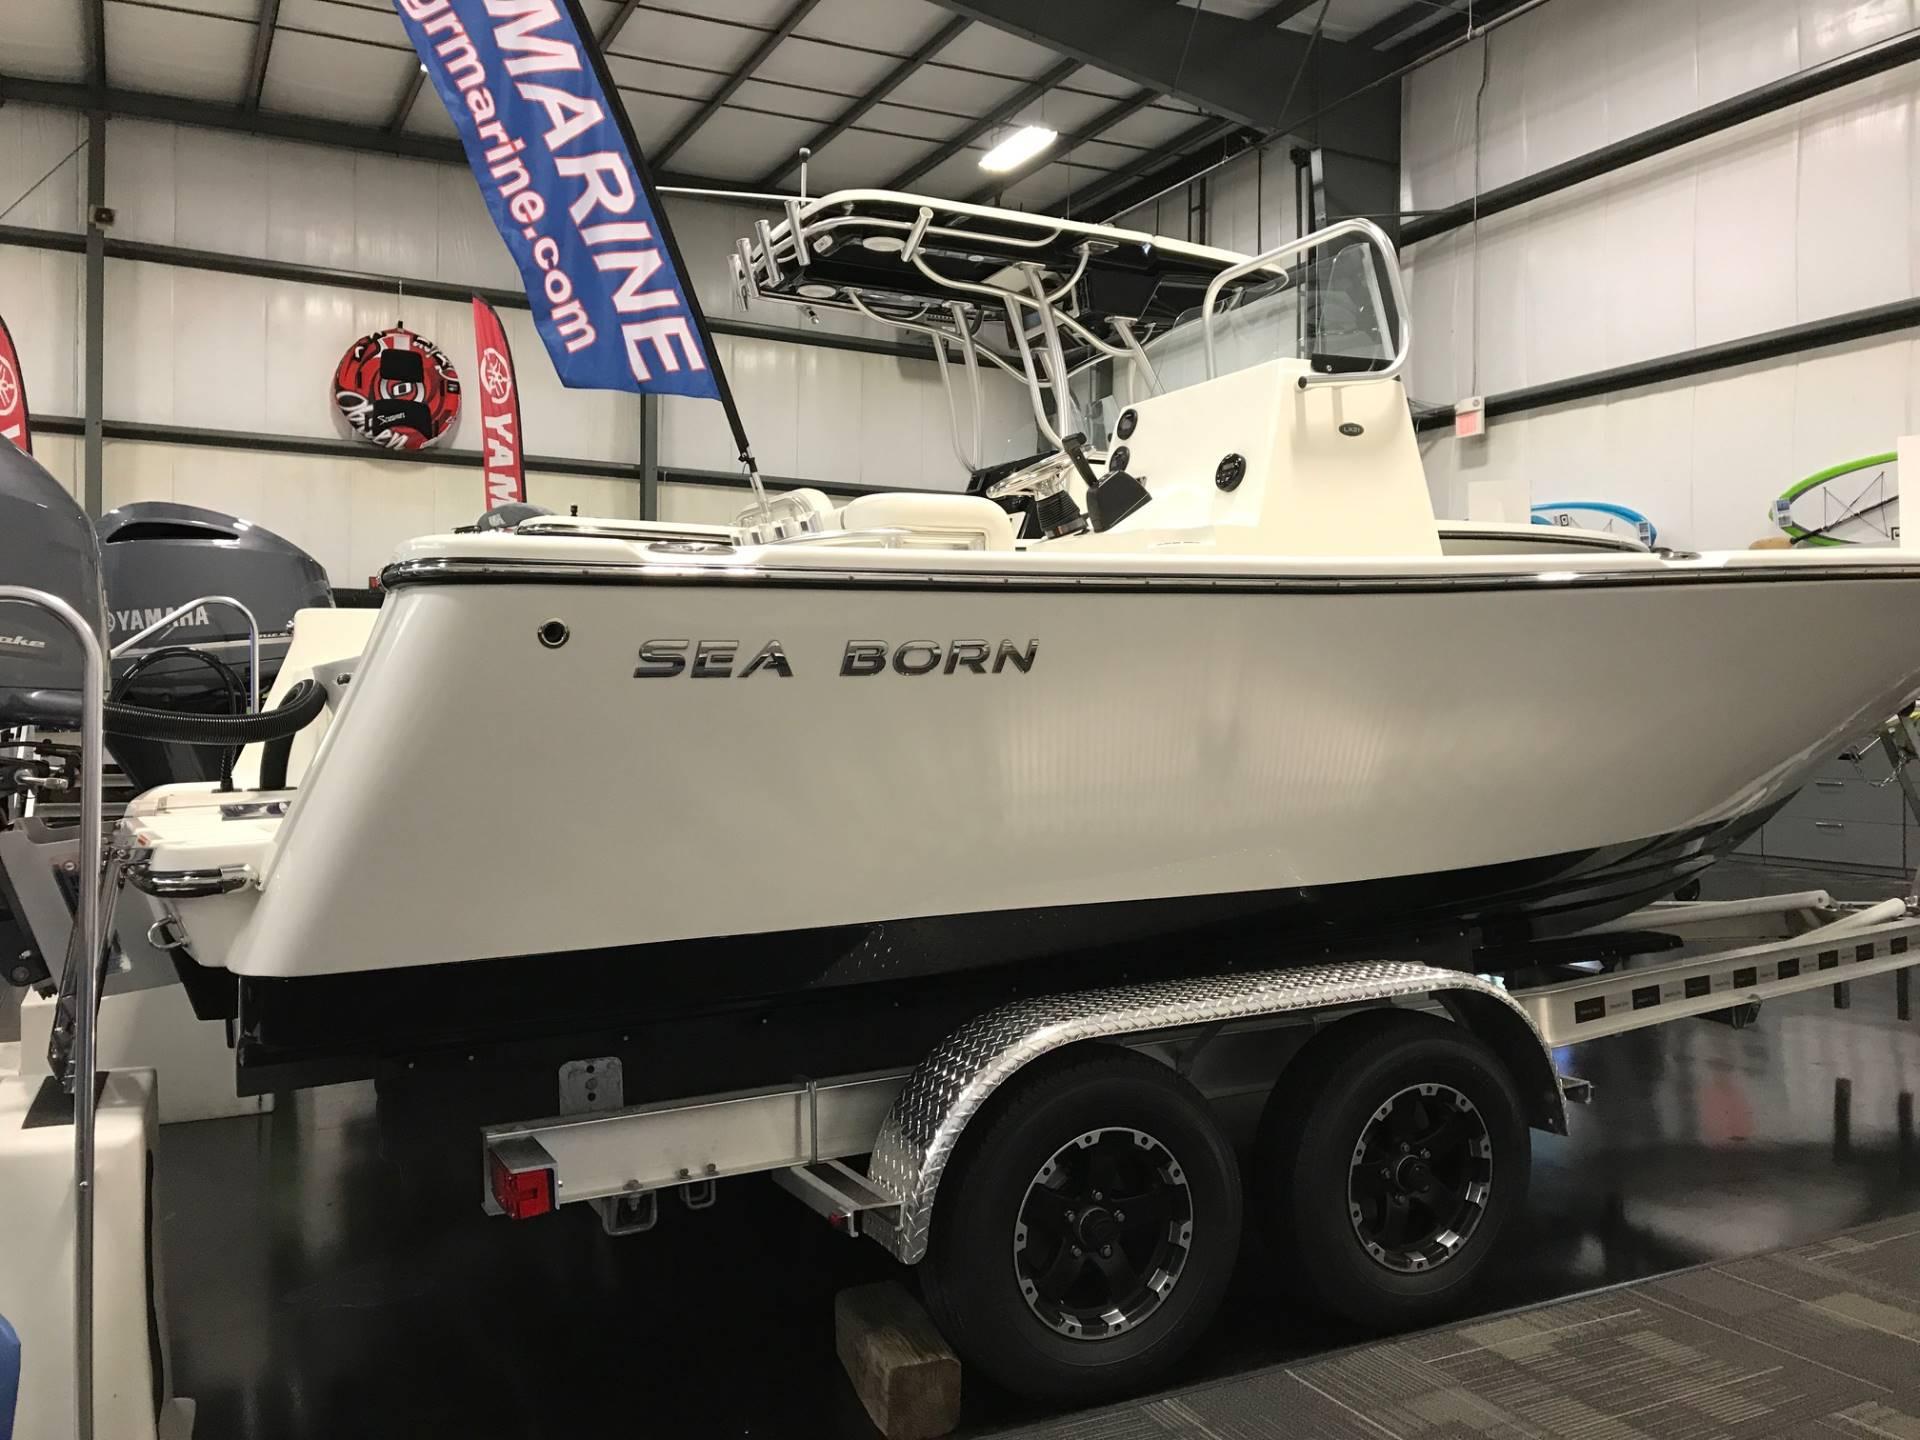 Sea Born LX21 Center Console